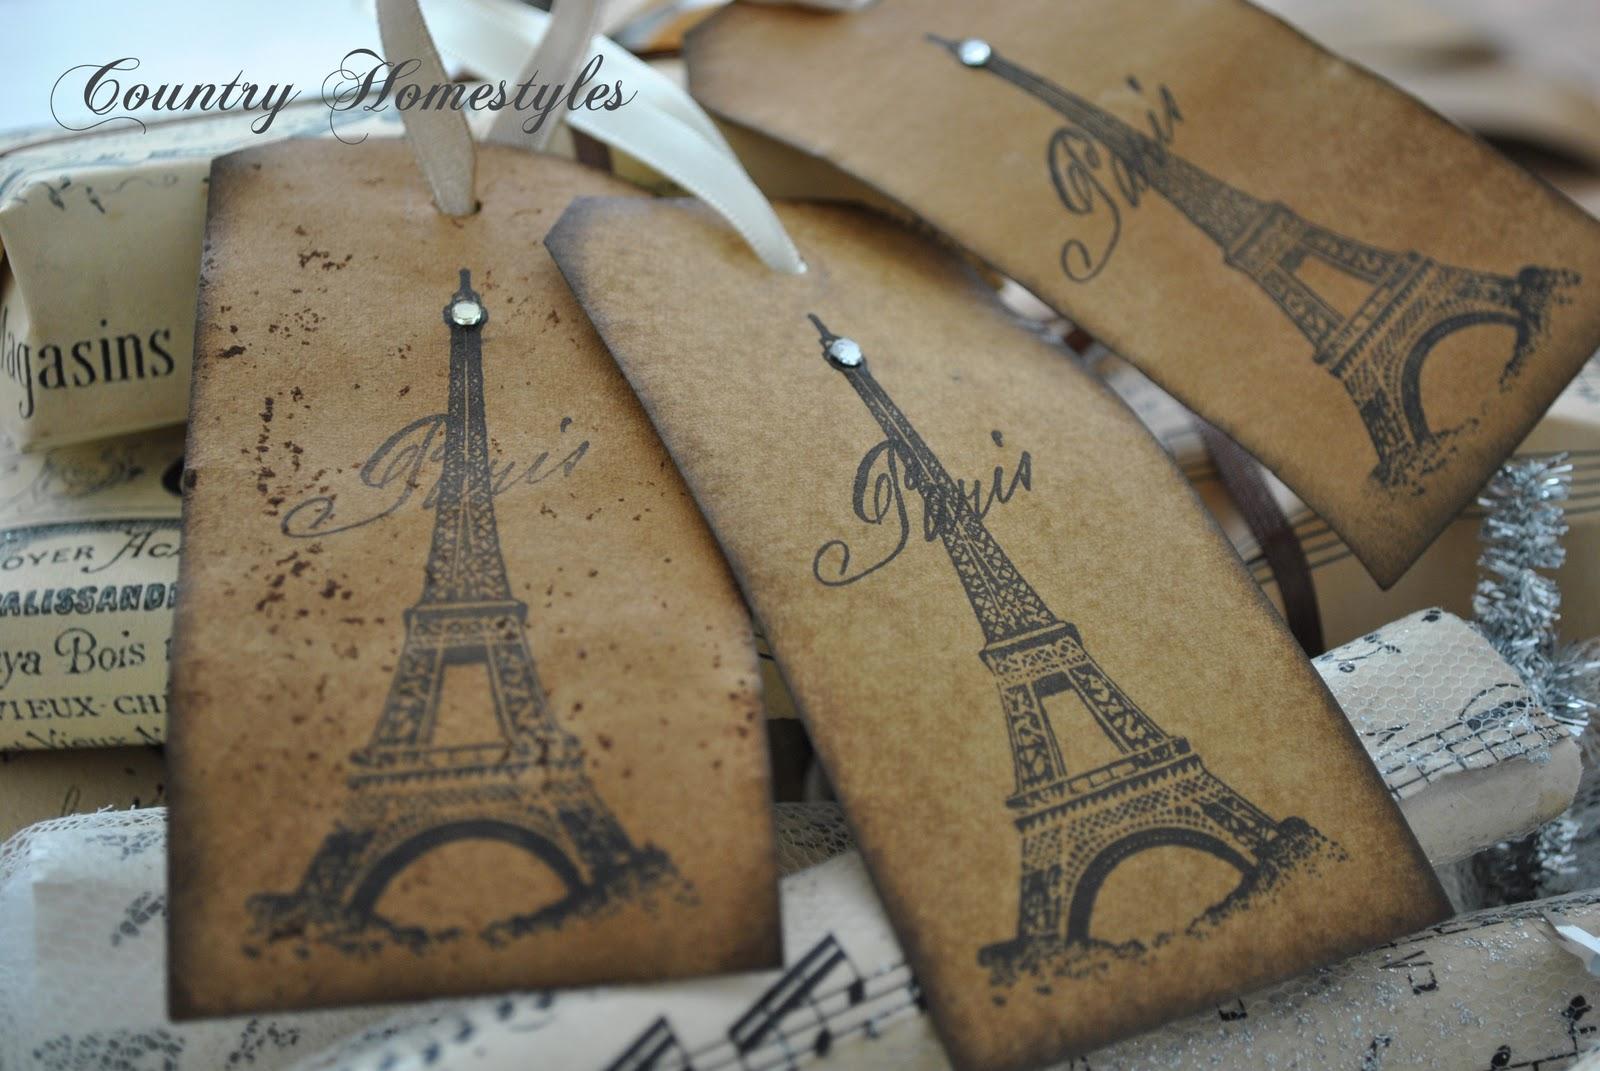 http://4.bp.blogspot.com/-kzHqURjpZLI/Tuc61AzlBsI/AAAAAAAAAOc/eQ0ad8NKbQw/s1600/paris+3er.jpg